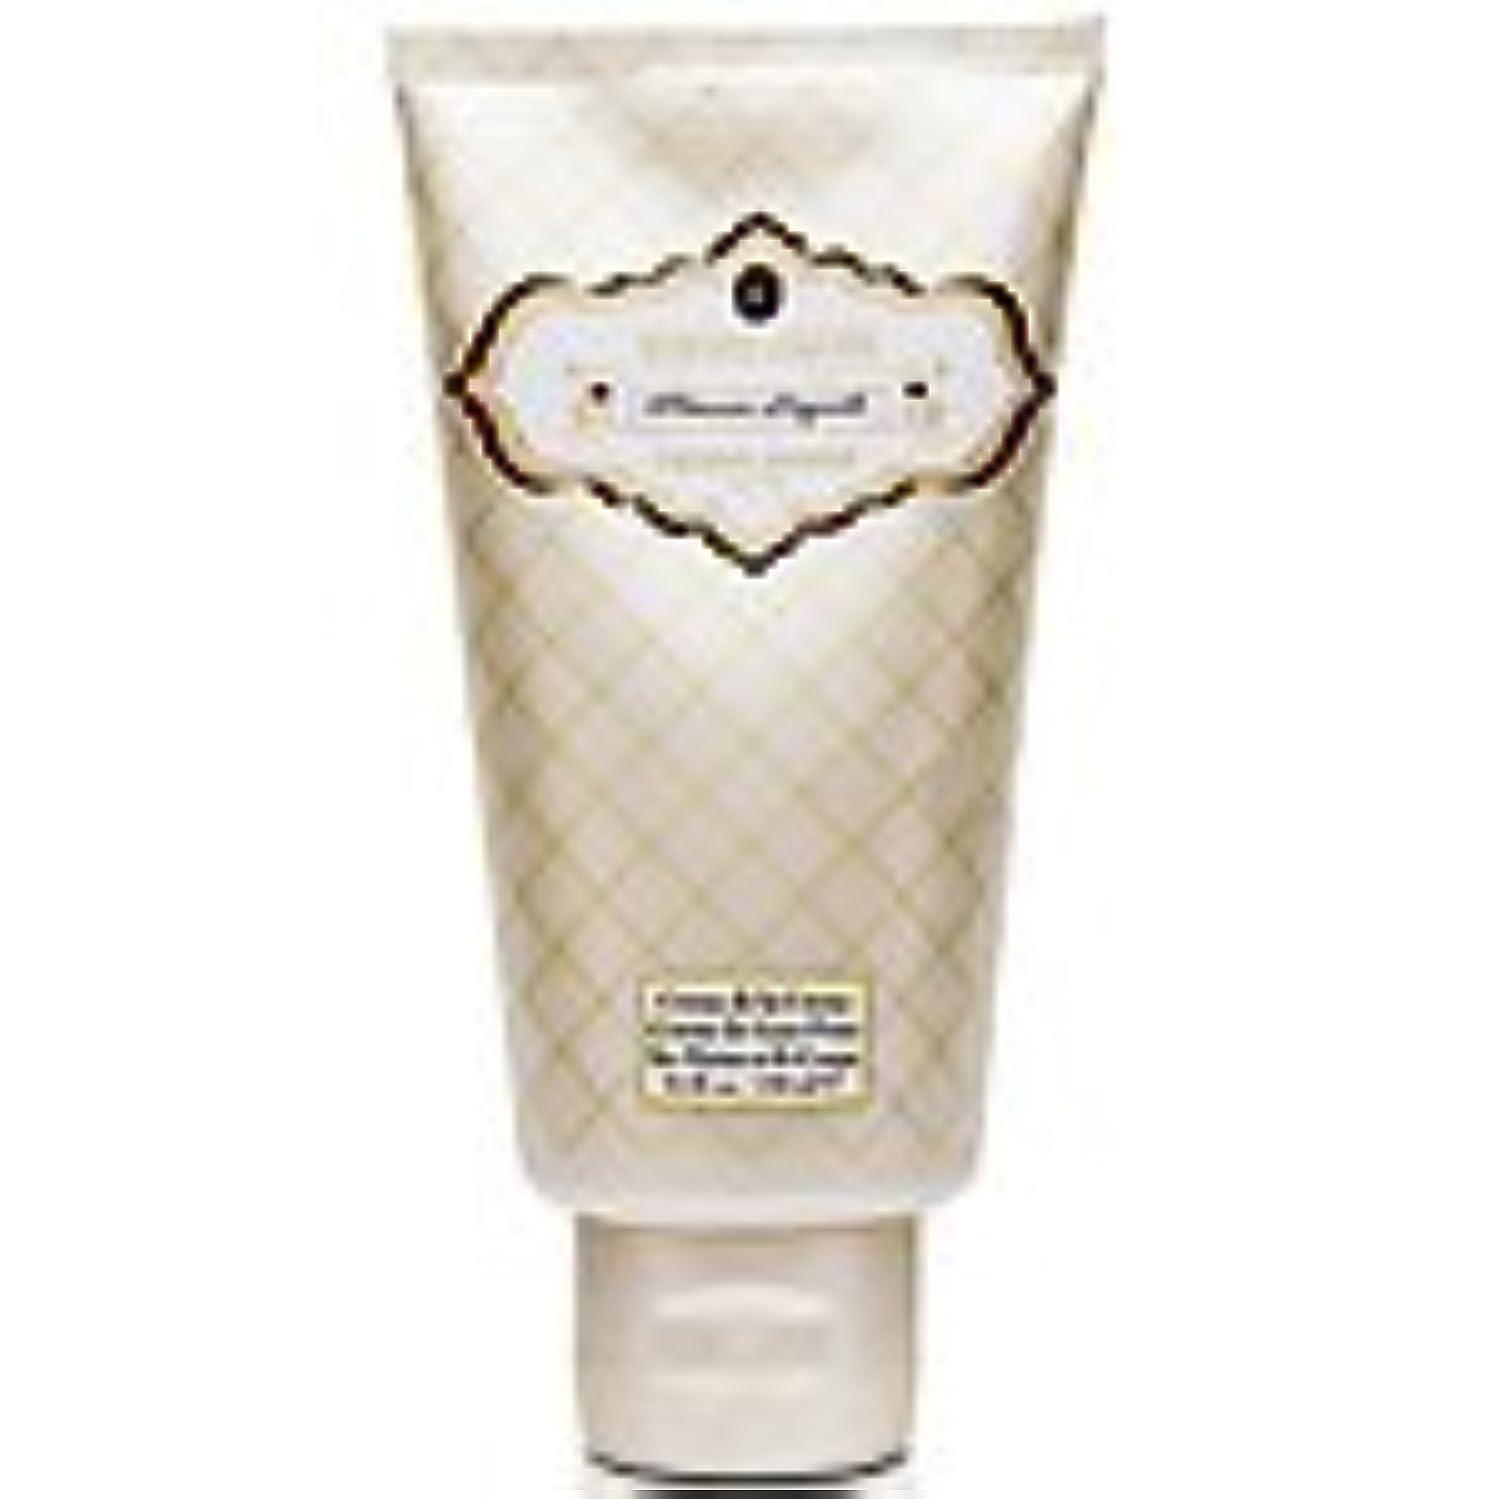 おしゃれじゃない構想する爵Memoire Liquide Reserve - Amour Liquide (メモワールリキッドリザーブ - アモアーリキッド) 5.1 oz (153ml) Body Cream for Unisex